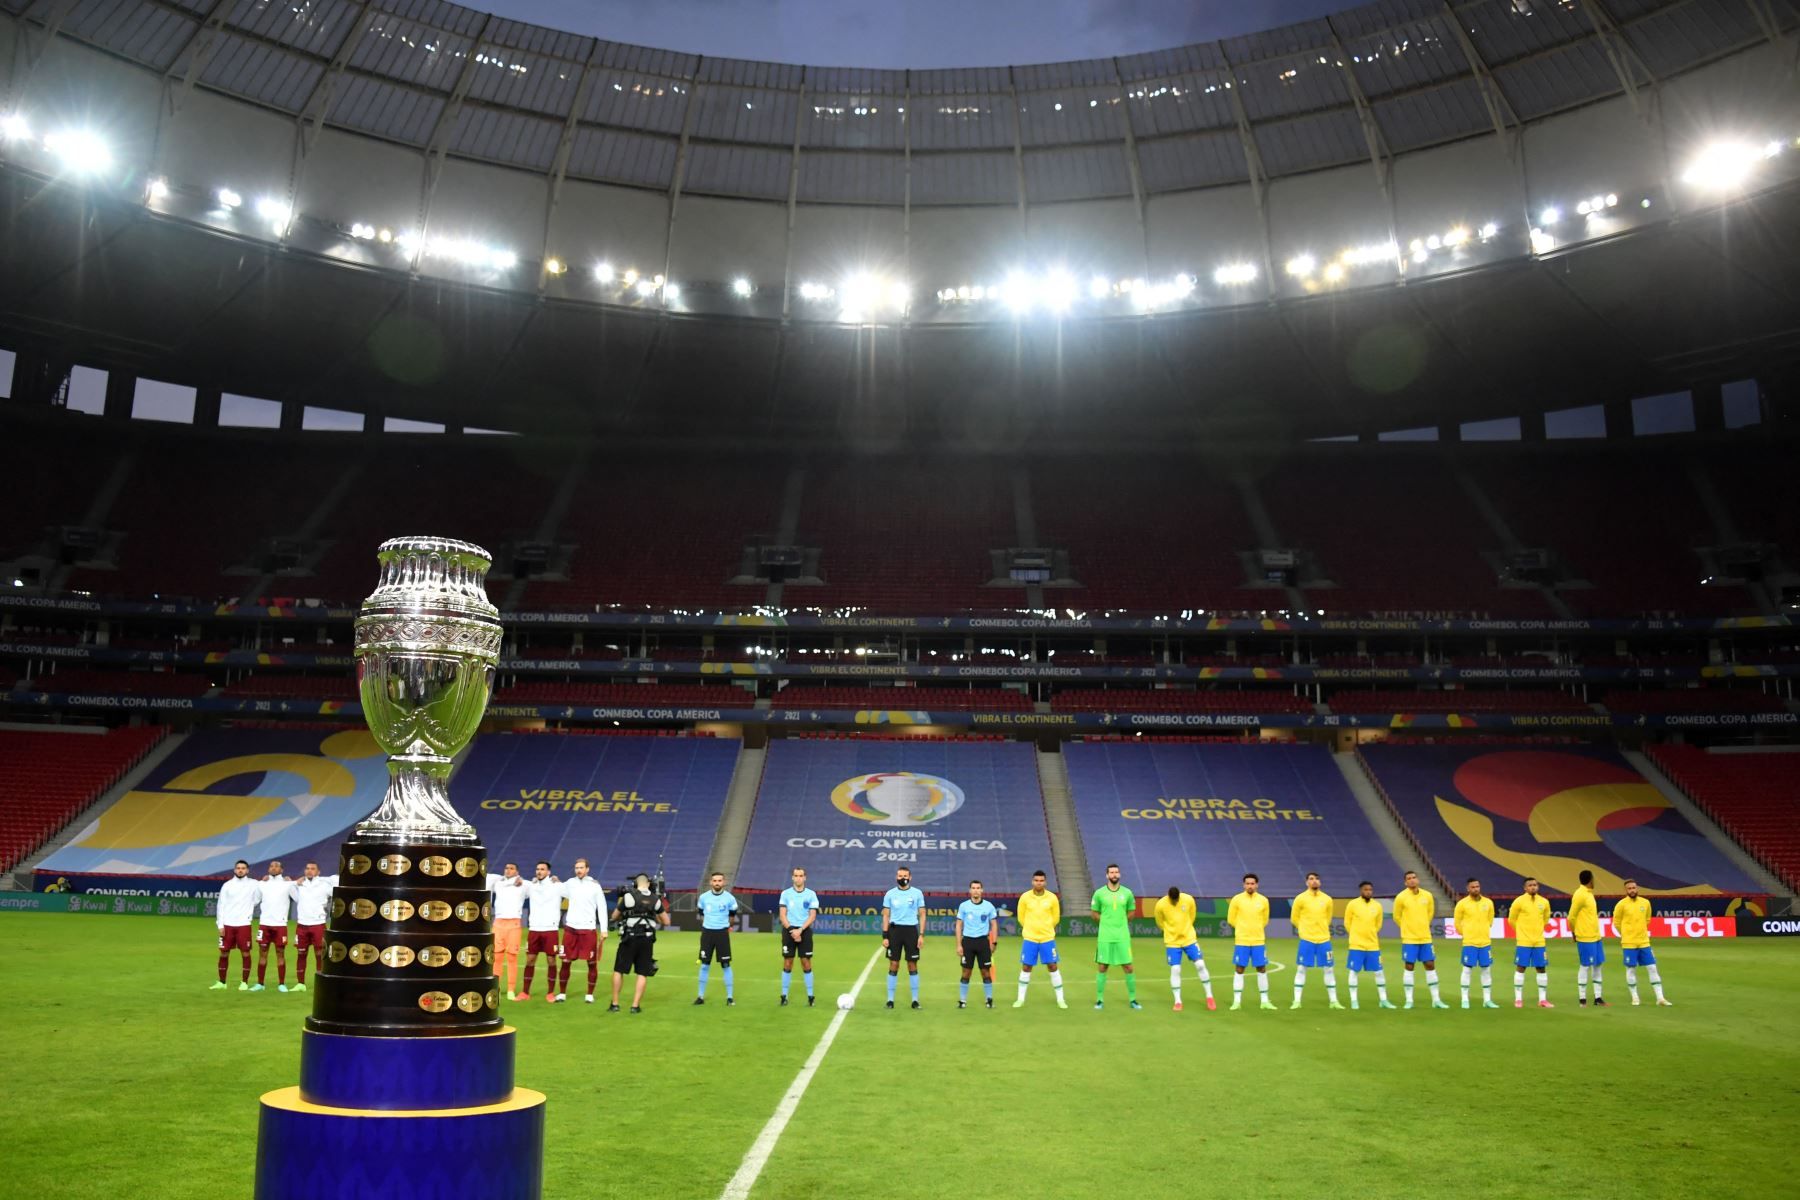 Vista del trofeo de la Copa América antes del inicio de la fase de grupos del torneo de fútbol Conmebol Copa América 2021 partido entre Brasil y Venezuela en el Estadio Mane Garrincha de Brasilia. Foto: AFP